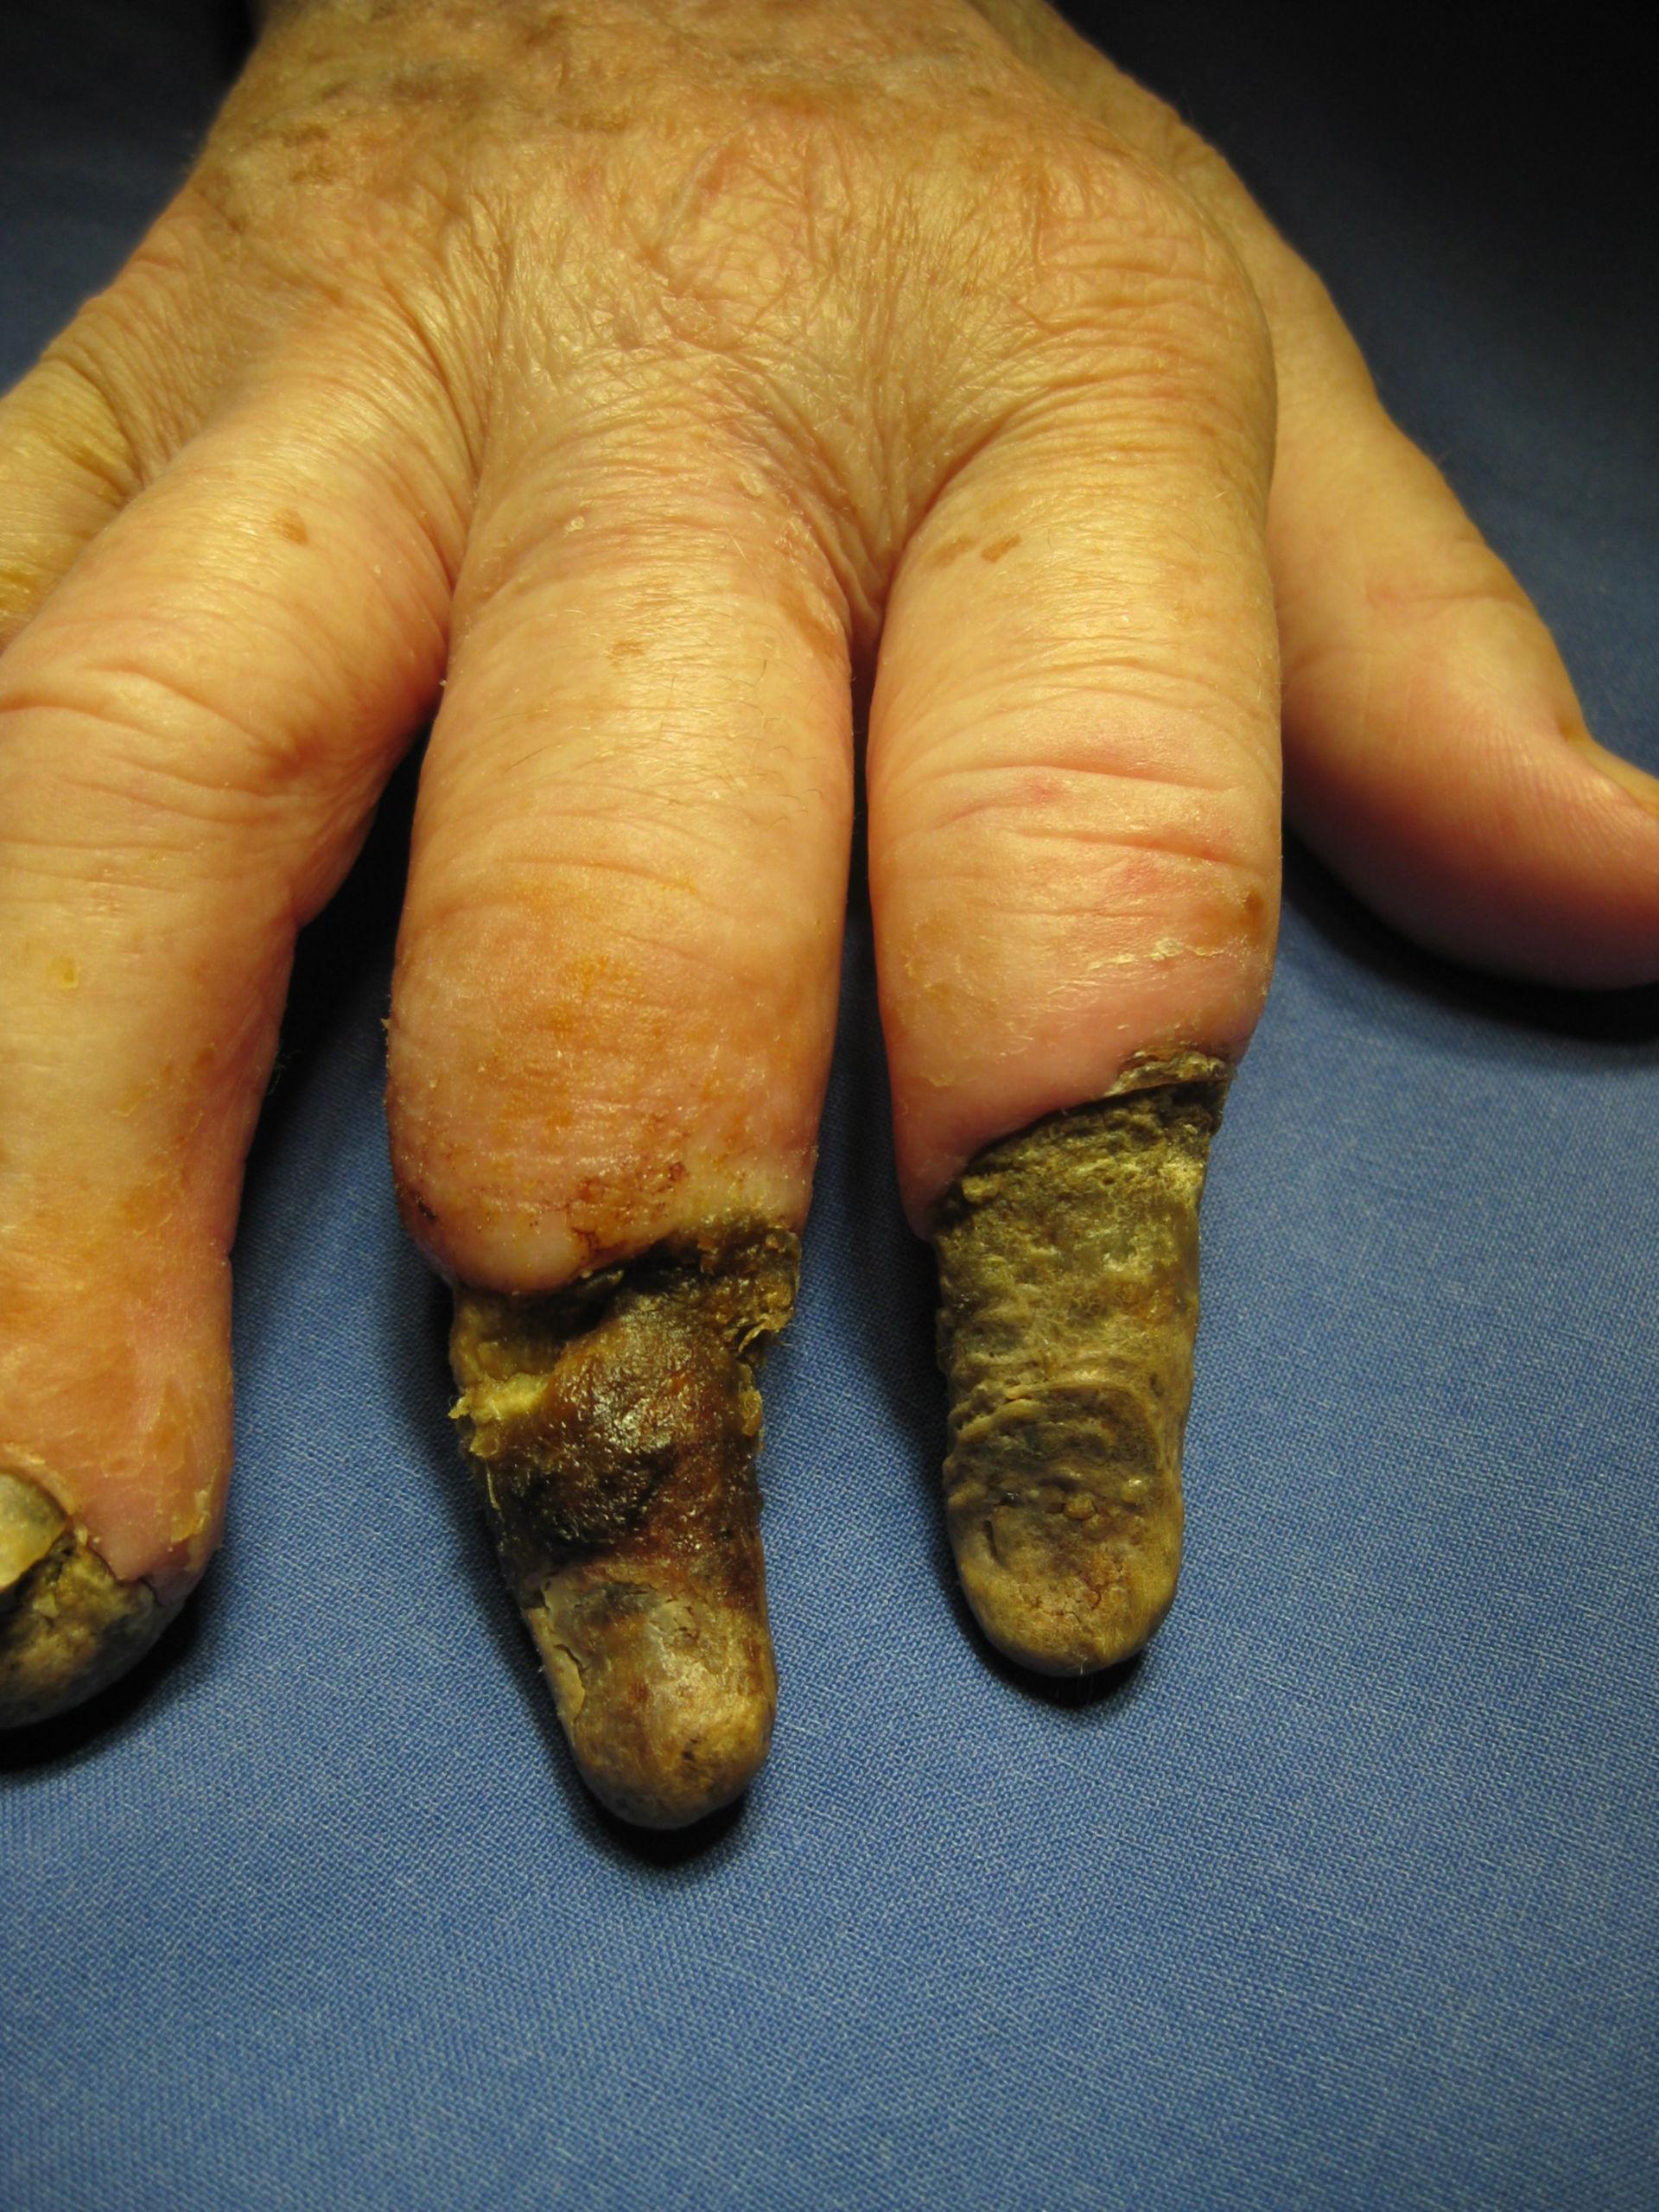 Sclerodermia circumscripta